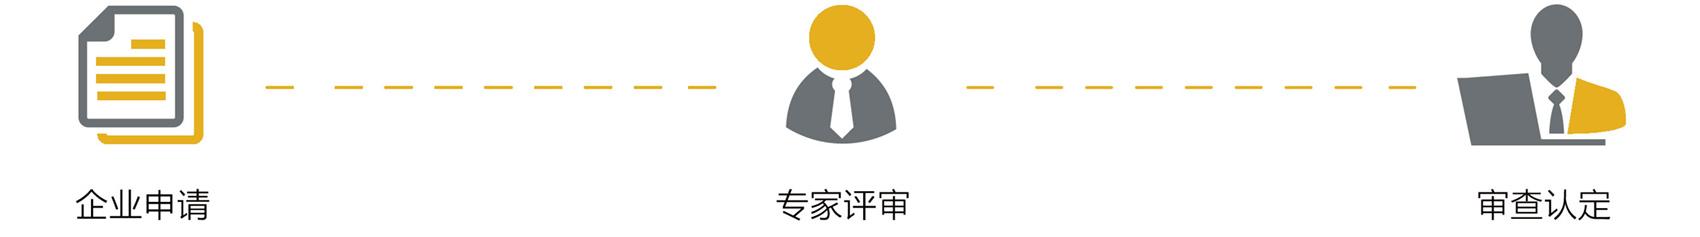 高新技术企业认定_06.jpg